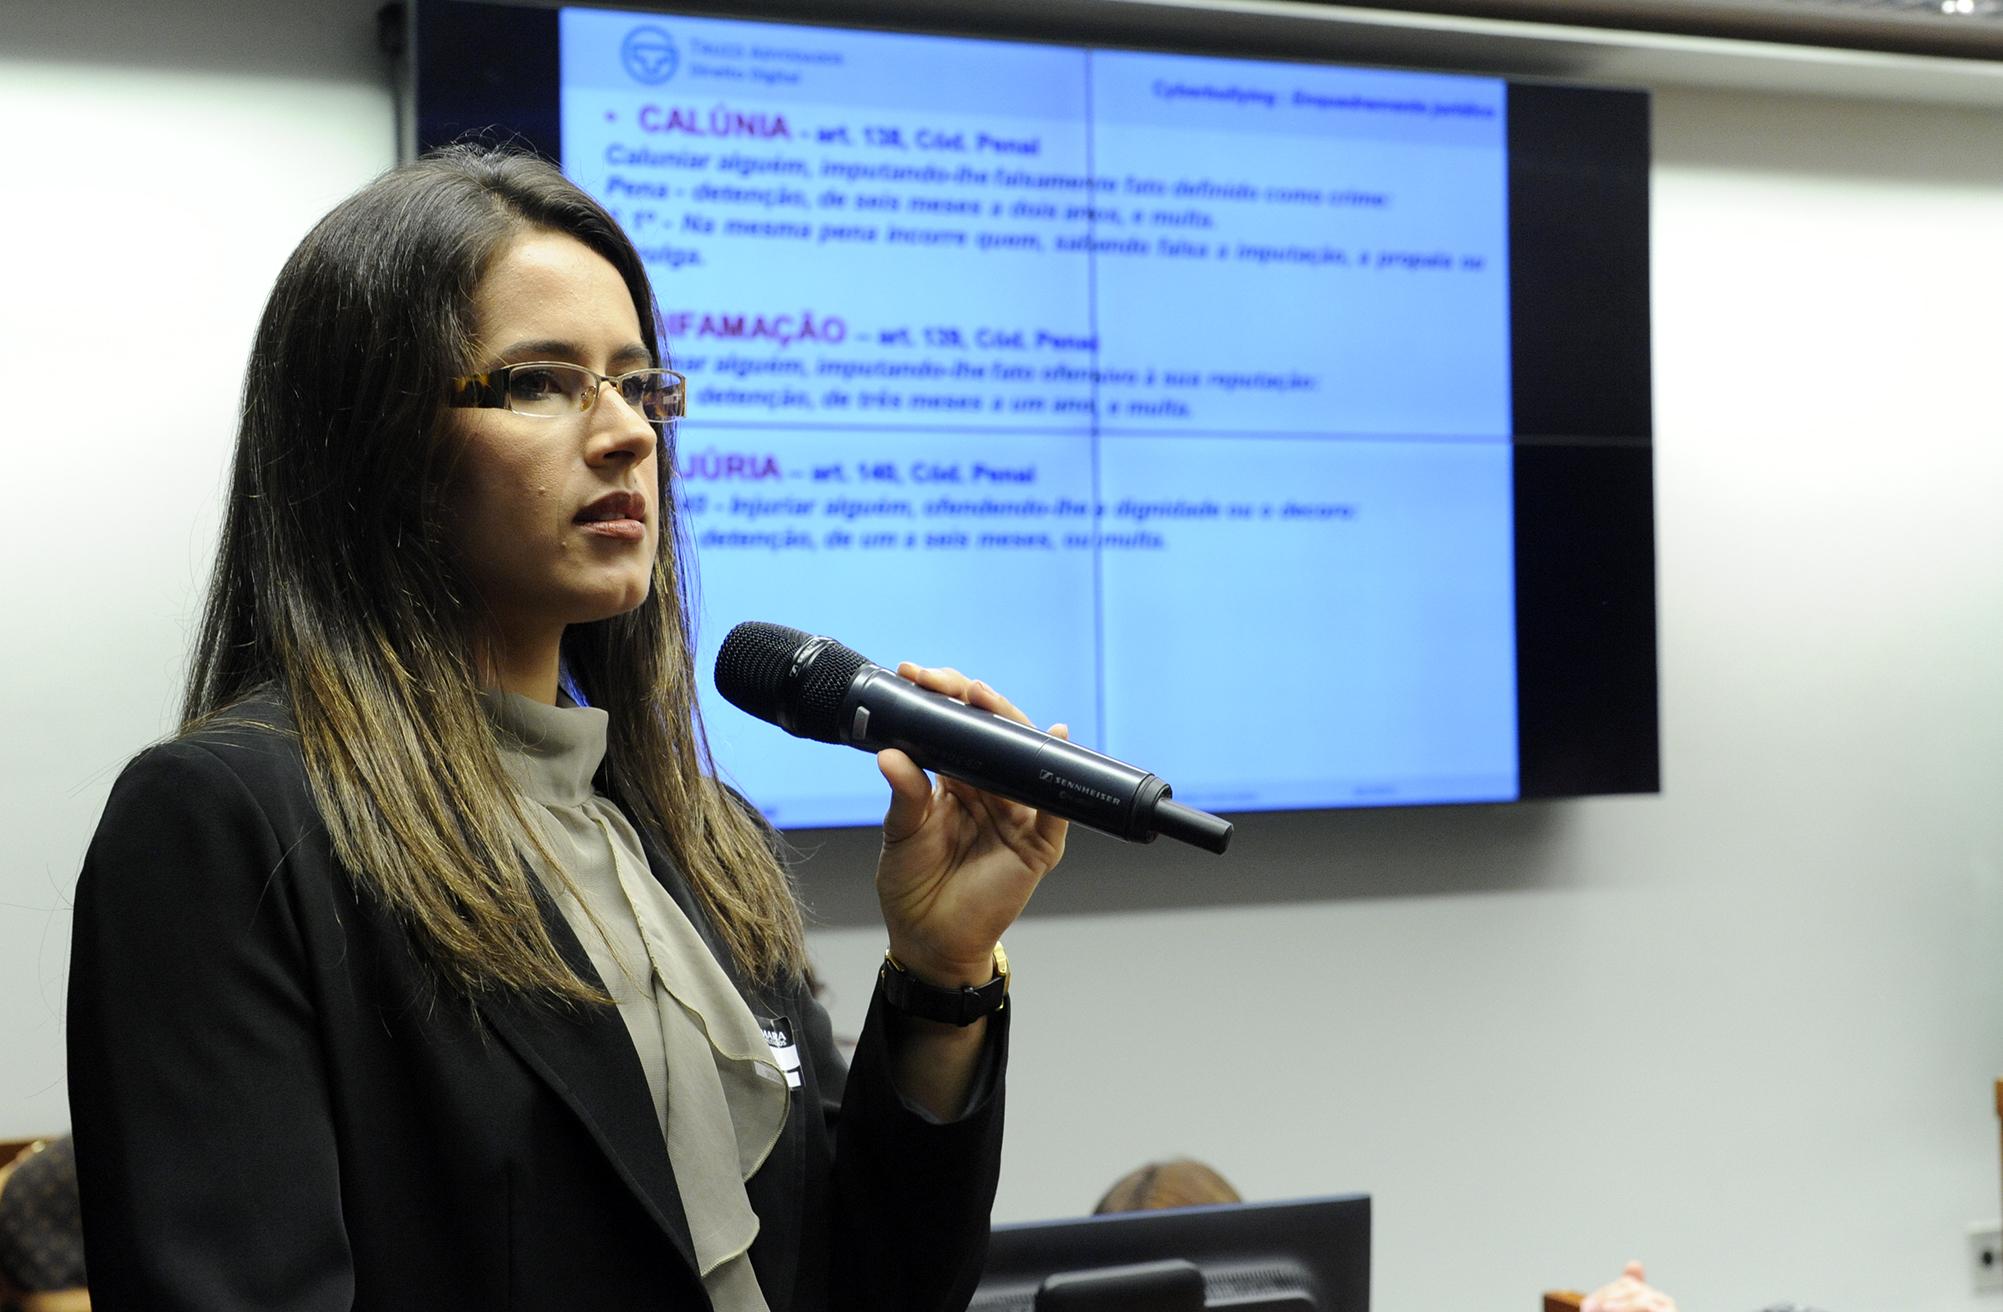 Reunião para discutir o ciberbullying (intimidação sistemática praticada via internet) e o ciberstalking (perseguição praticada pela internet). Advogada especialista em direito digital, Gisele Truzzi